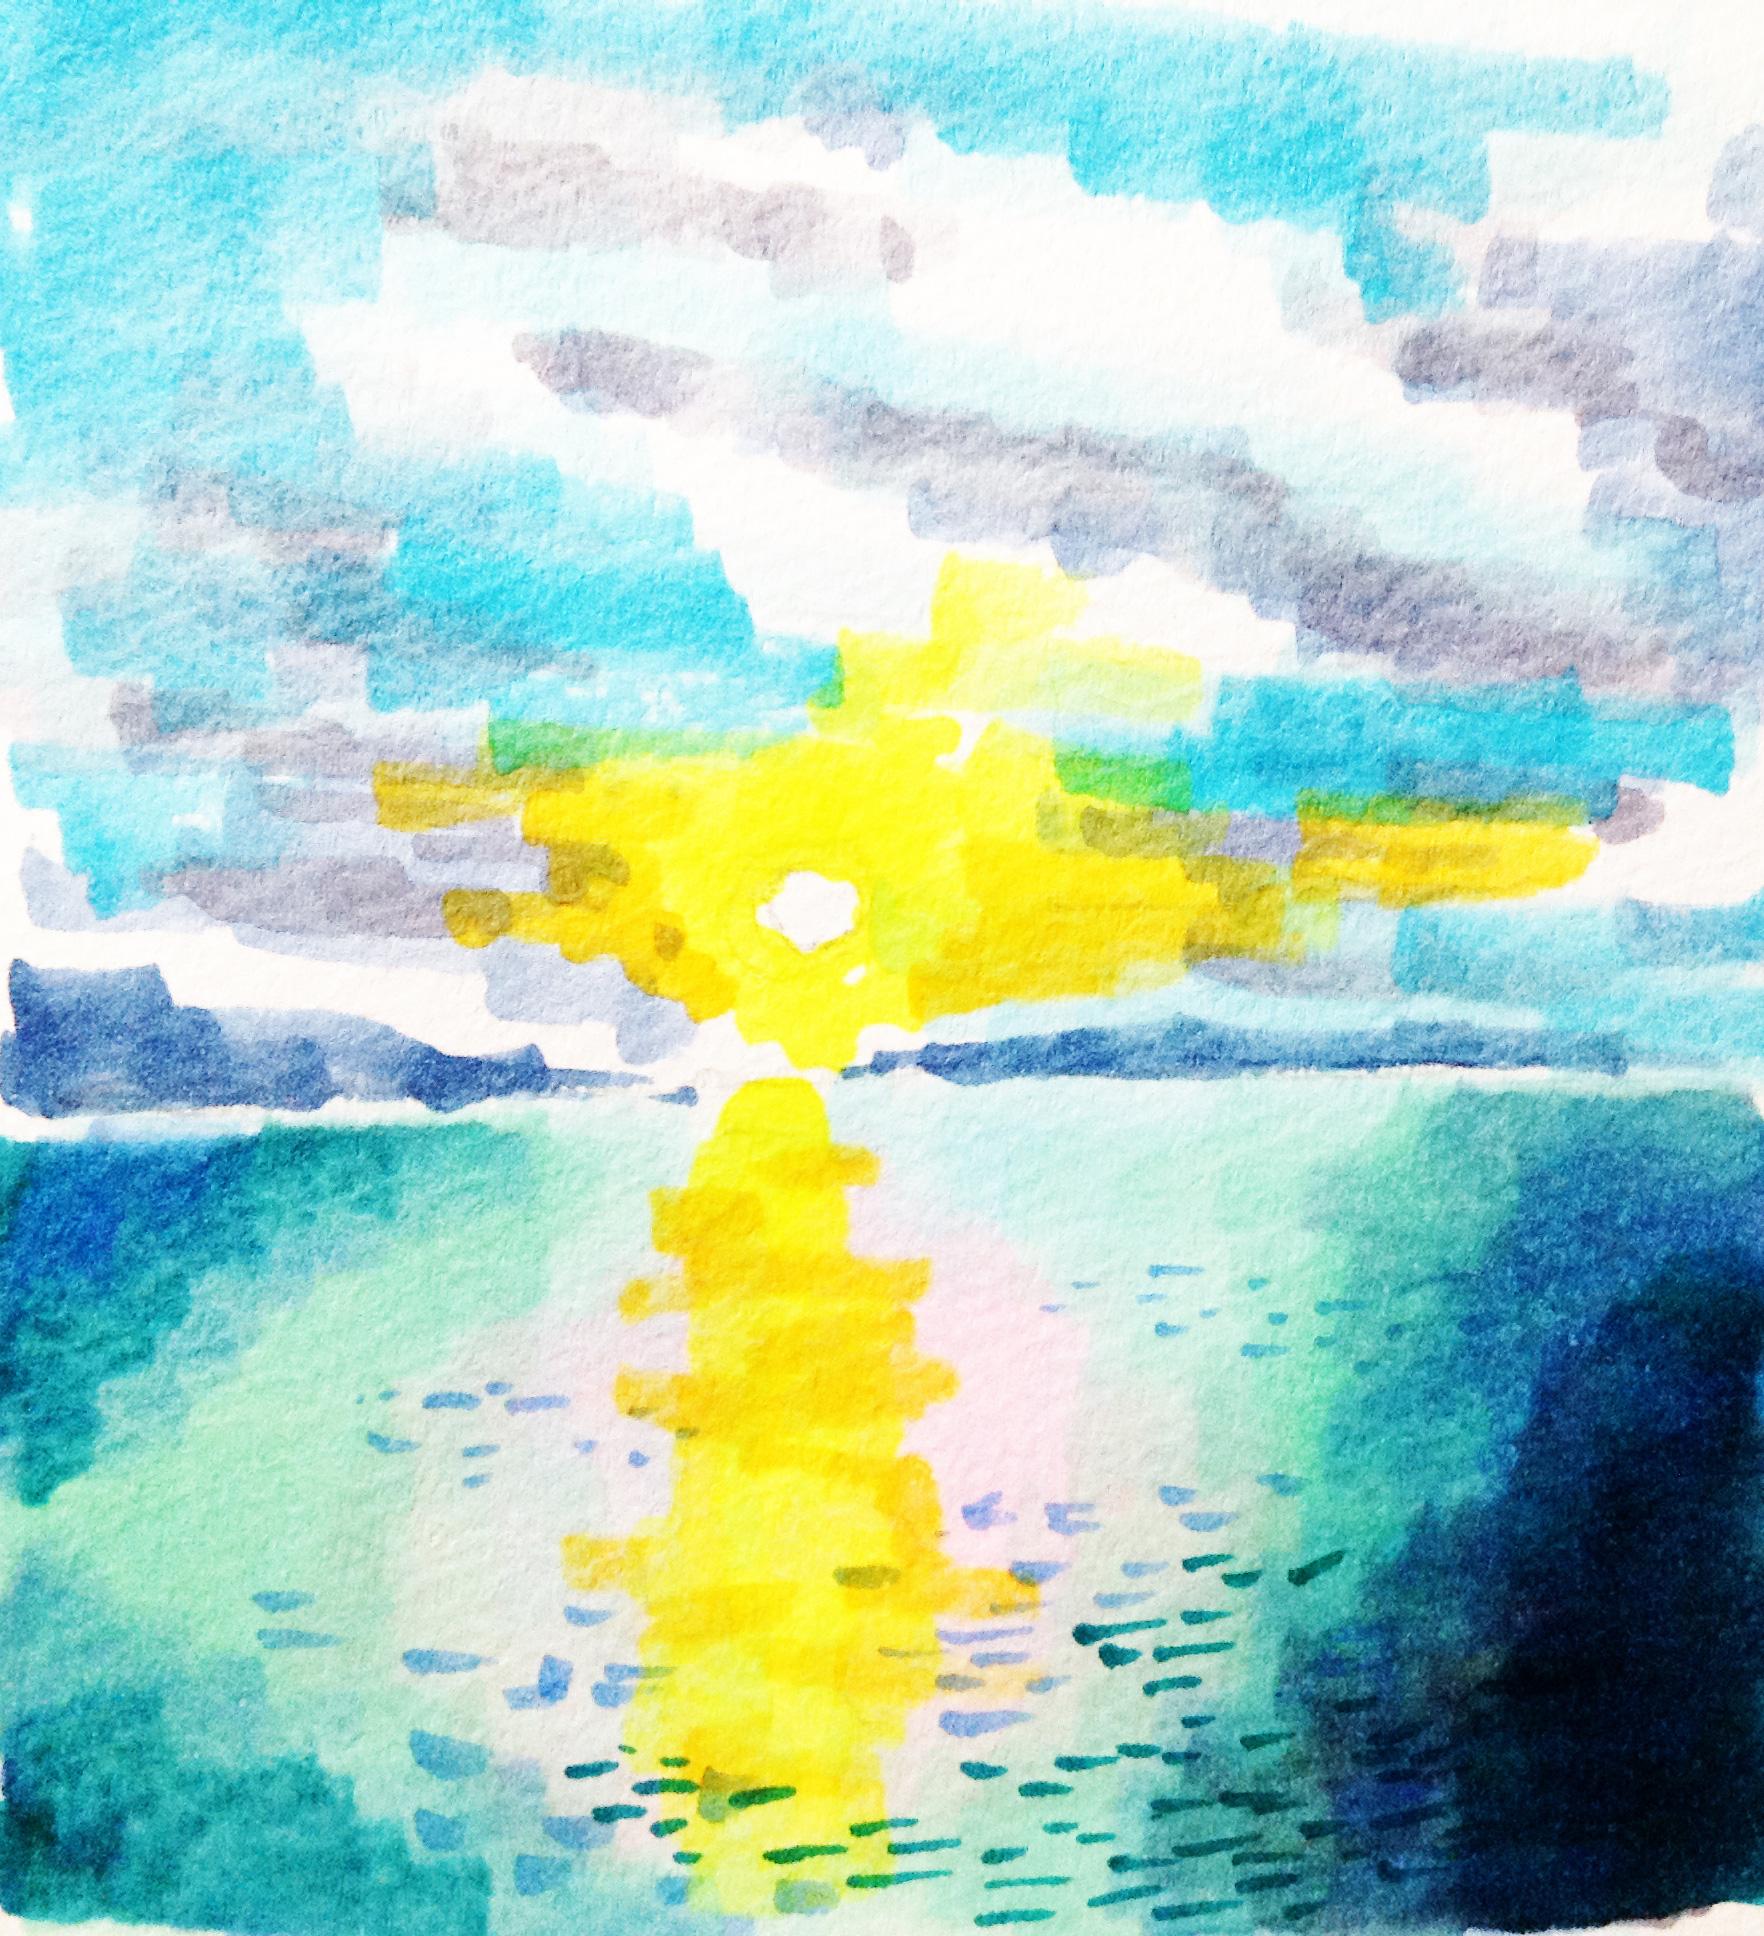 朝日の中に浮かぶ雲をコピックマーカーで描いたイラスト